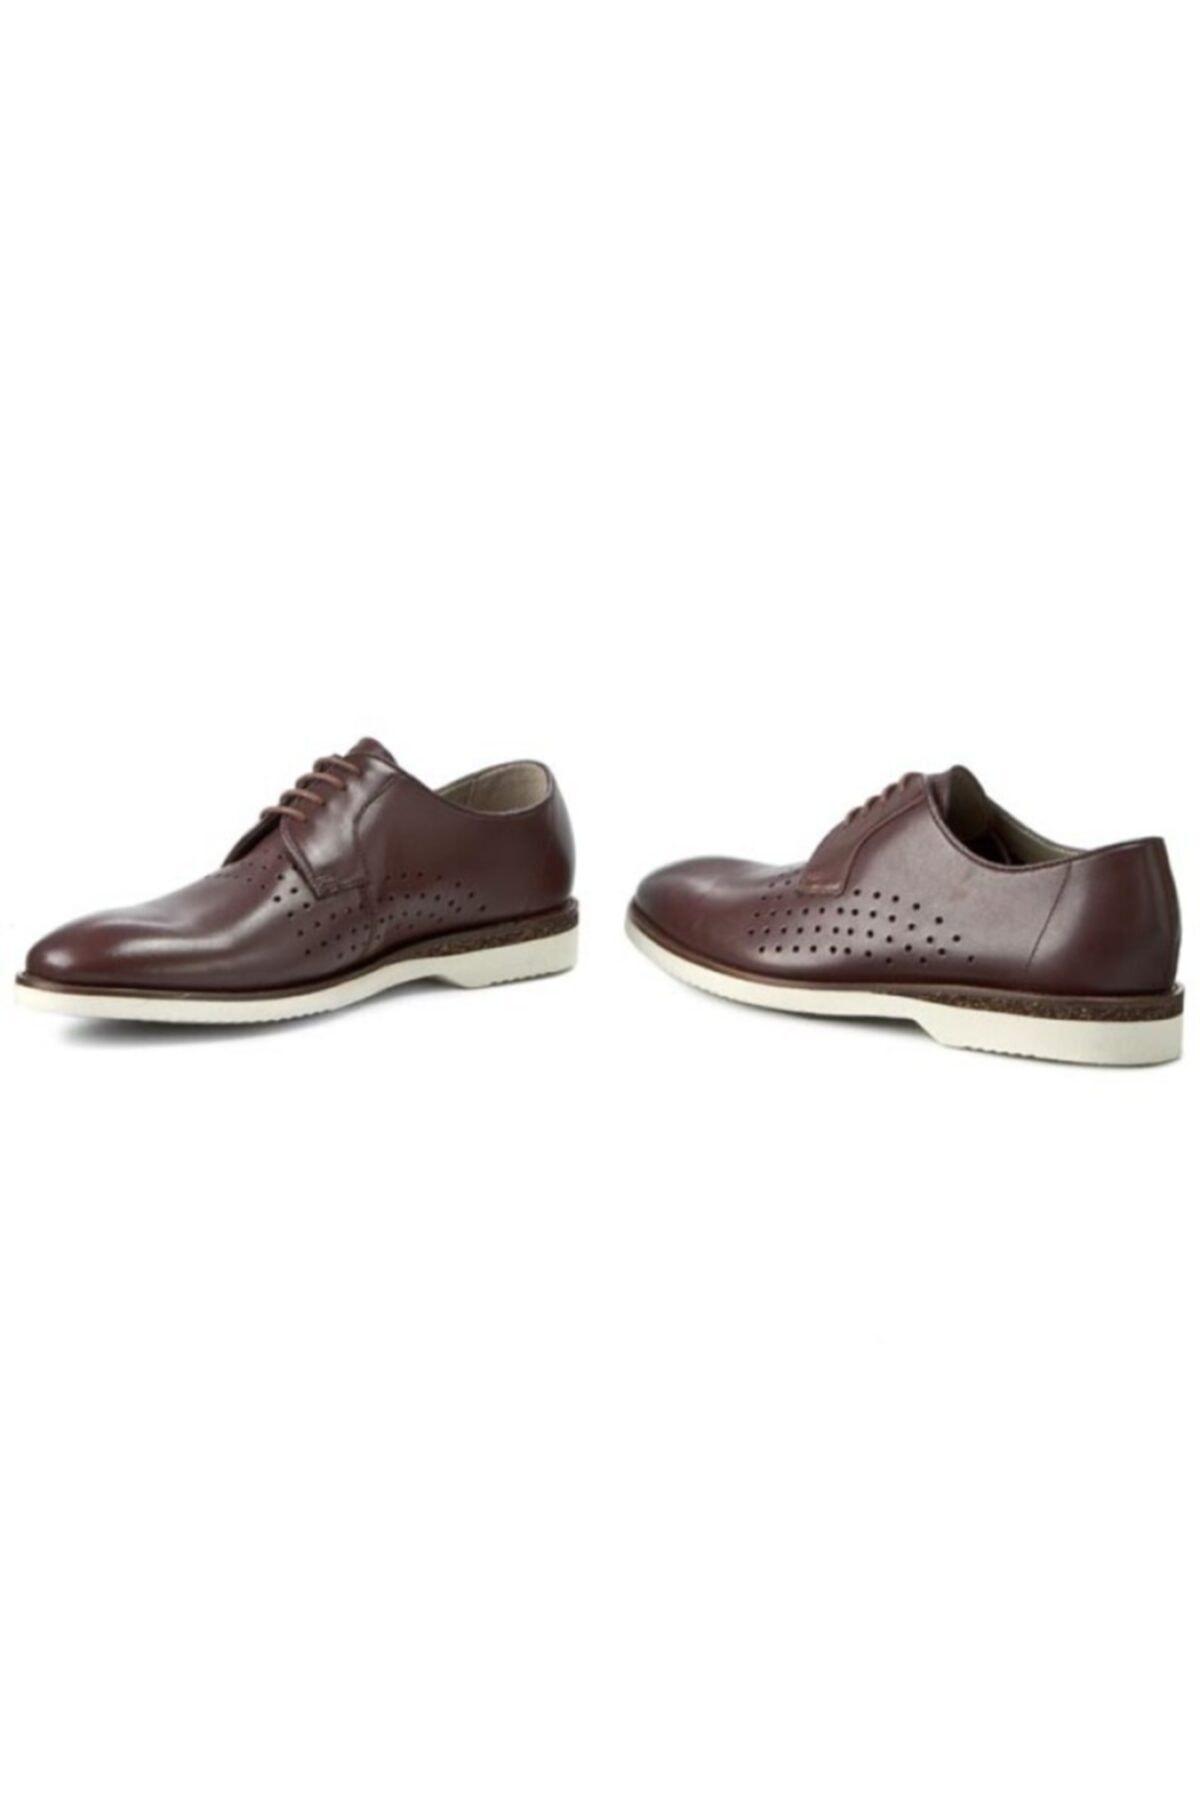 CLARKS Erkek Kestane Deri Ayakkabı 2